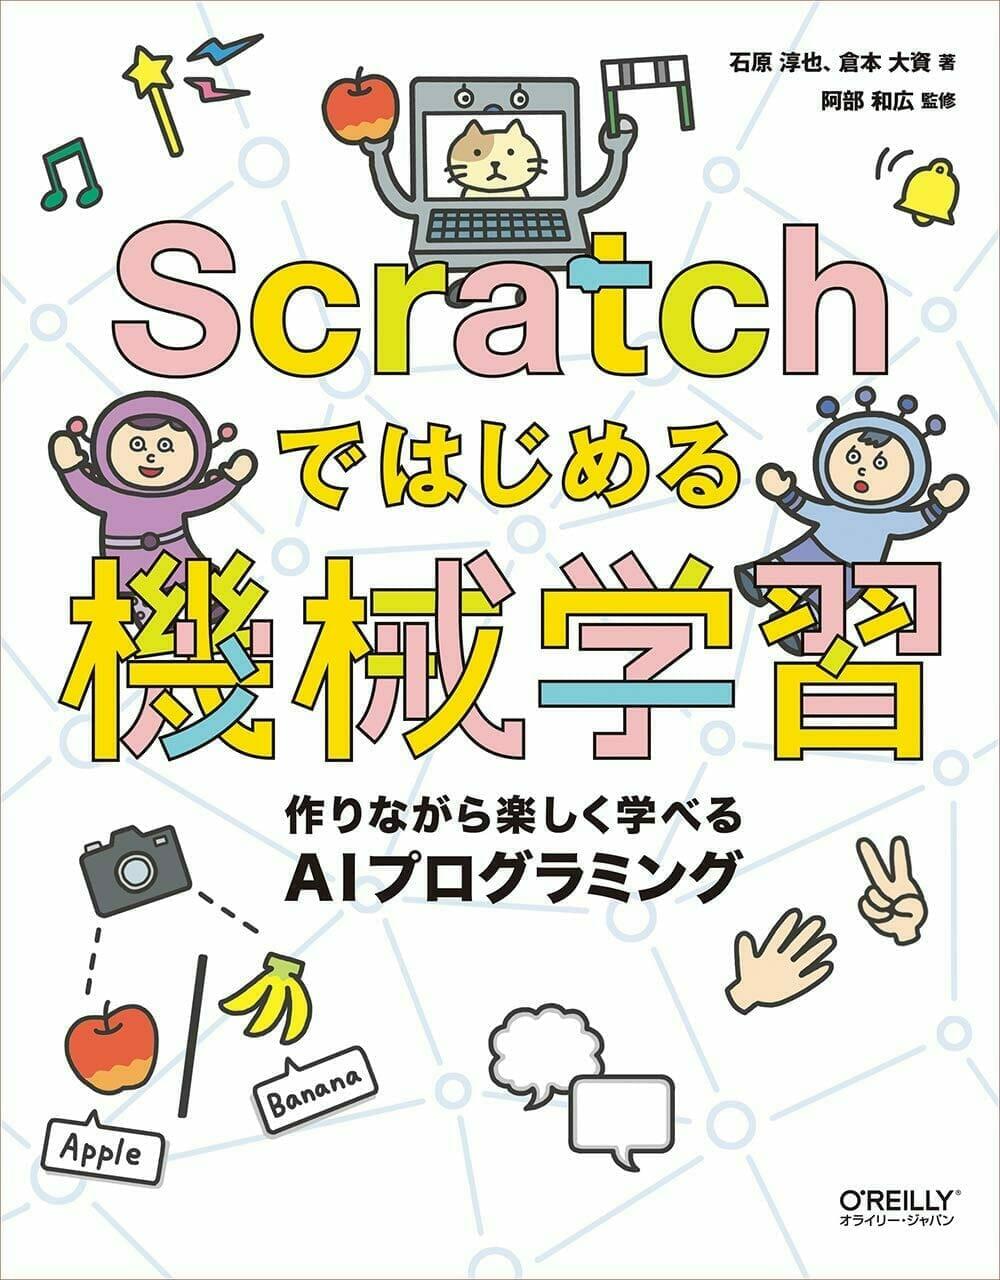 Scratchではじめる機械学習 ―作りながら楽しく学べるAIプログラミング